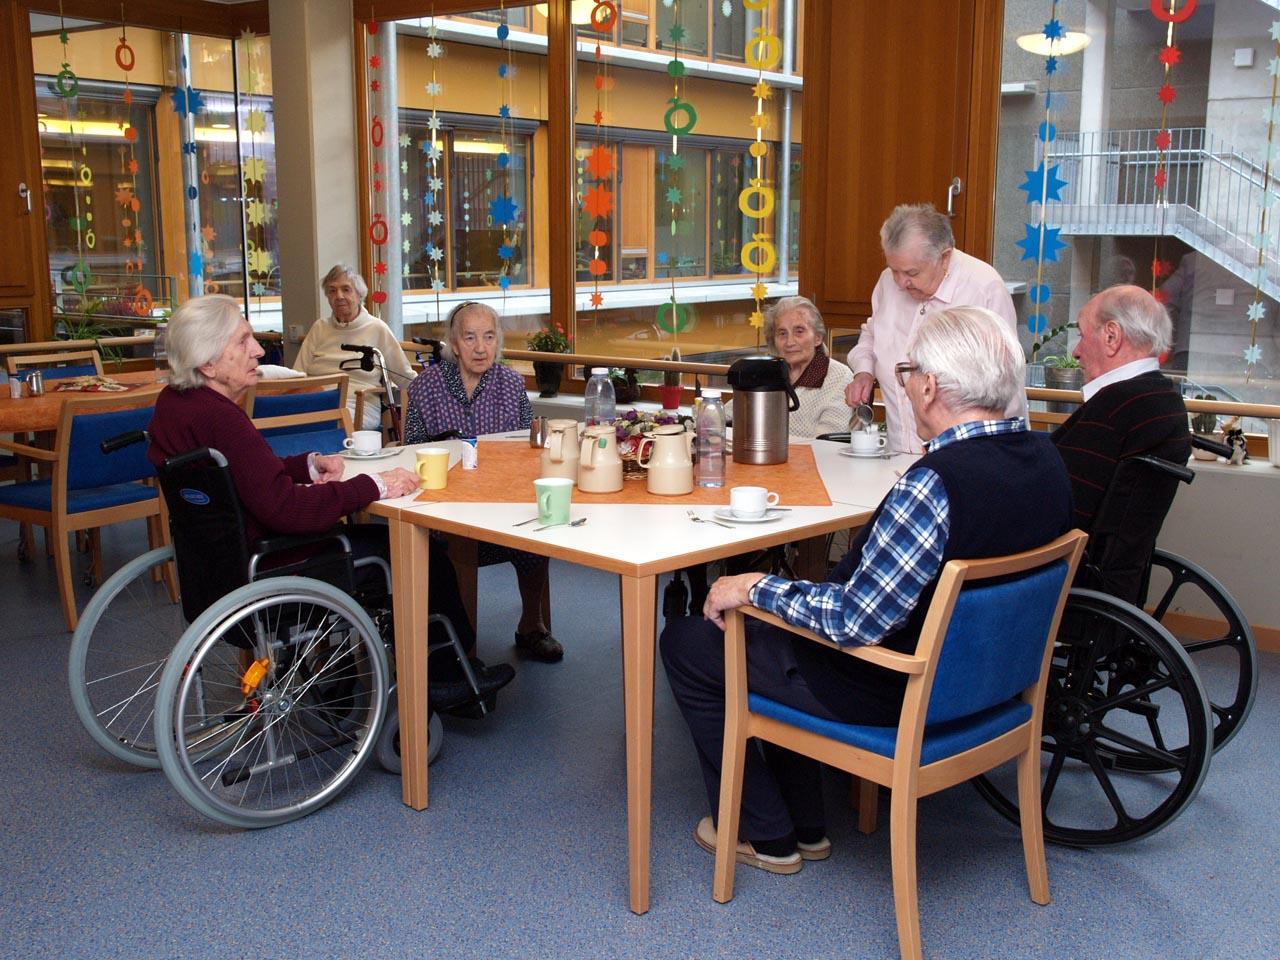 介護施設の共用スペース(撮影協力:Alten- und Pflegezentrum St. Anna)© Matsuda Masahiro